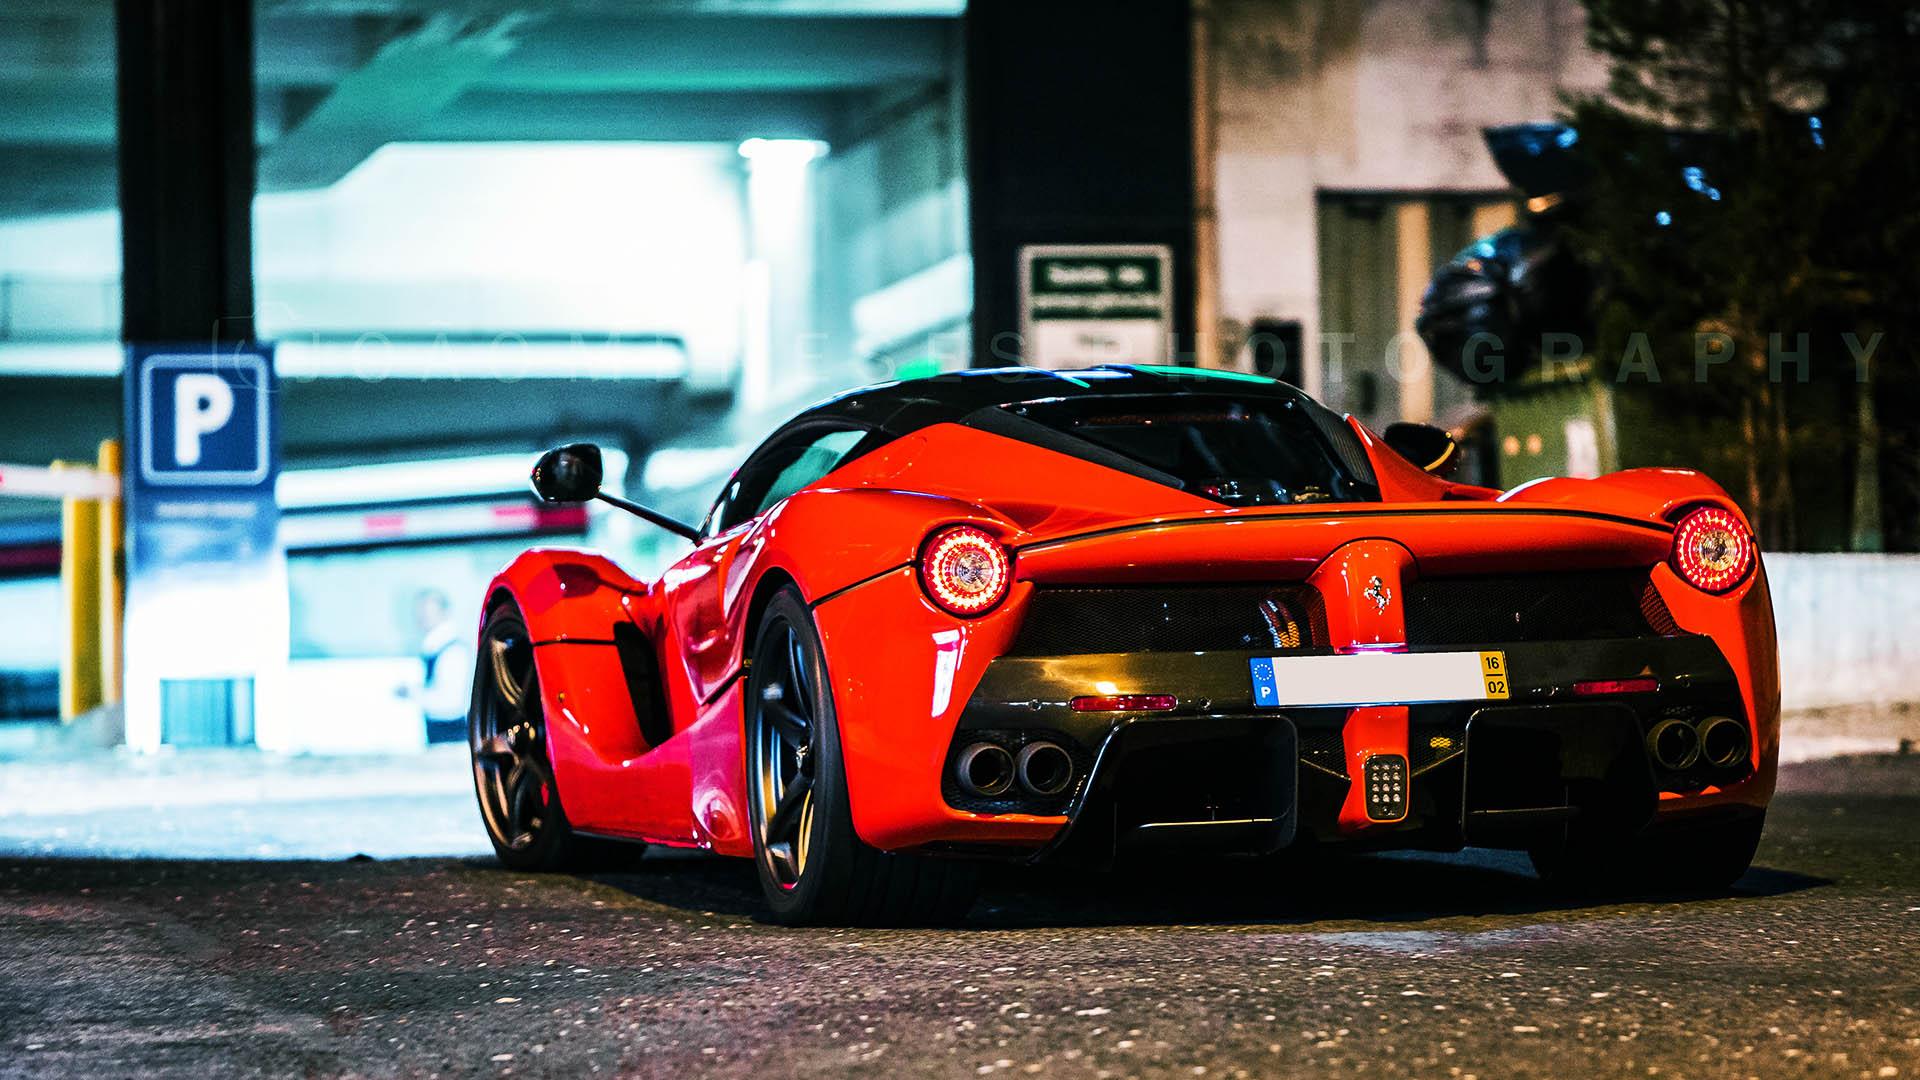 Fotografia da Semana - Ferrari LaFerrari - Motor